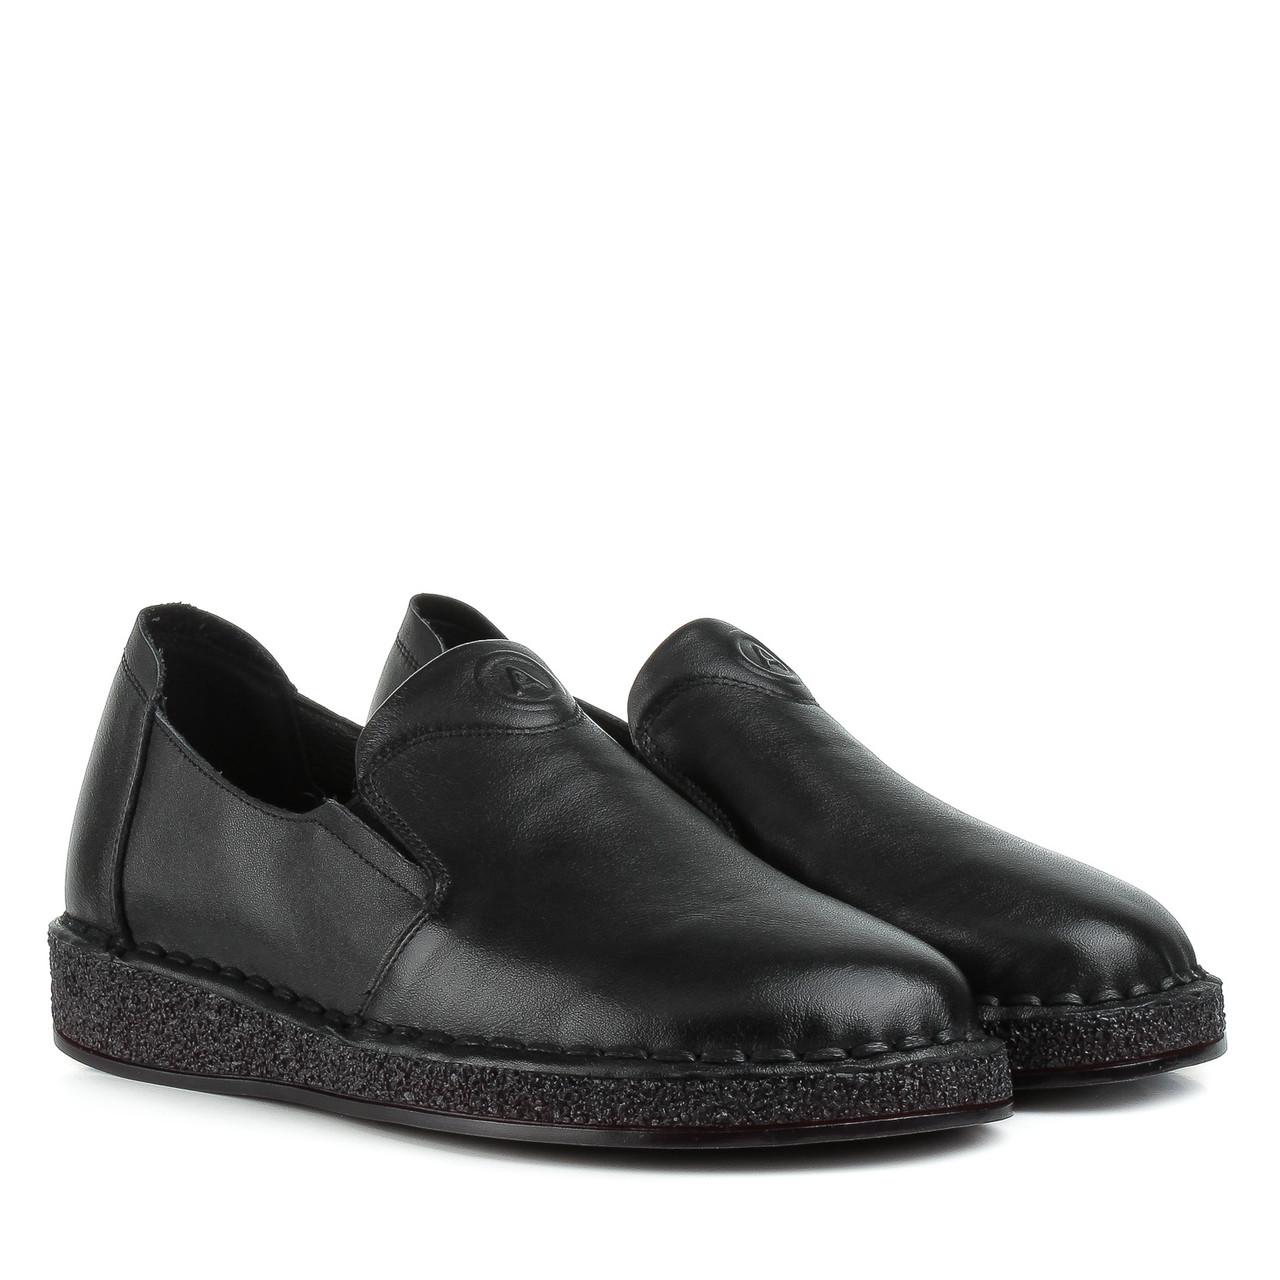 Туфли женские MEEGOCOMFORT (кожаные, удобные, на низком ходу)